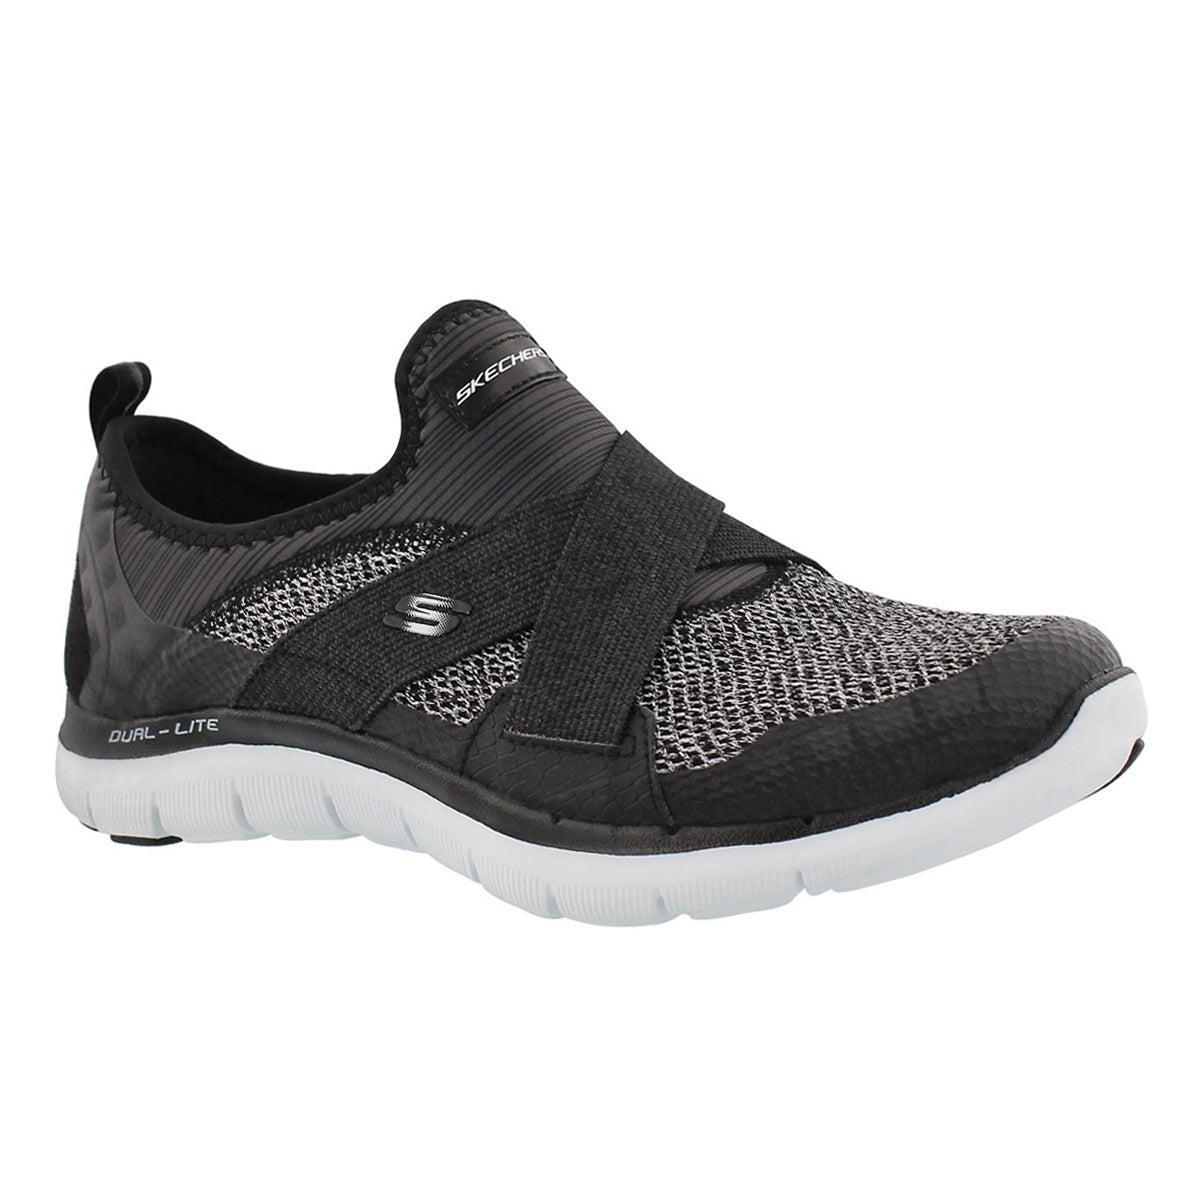 Lds FlexAppeal2.0 NewImage blk sneaker